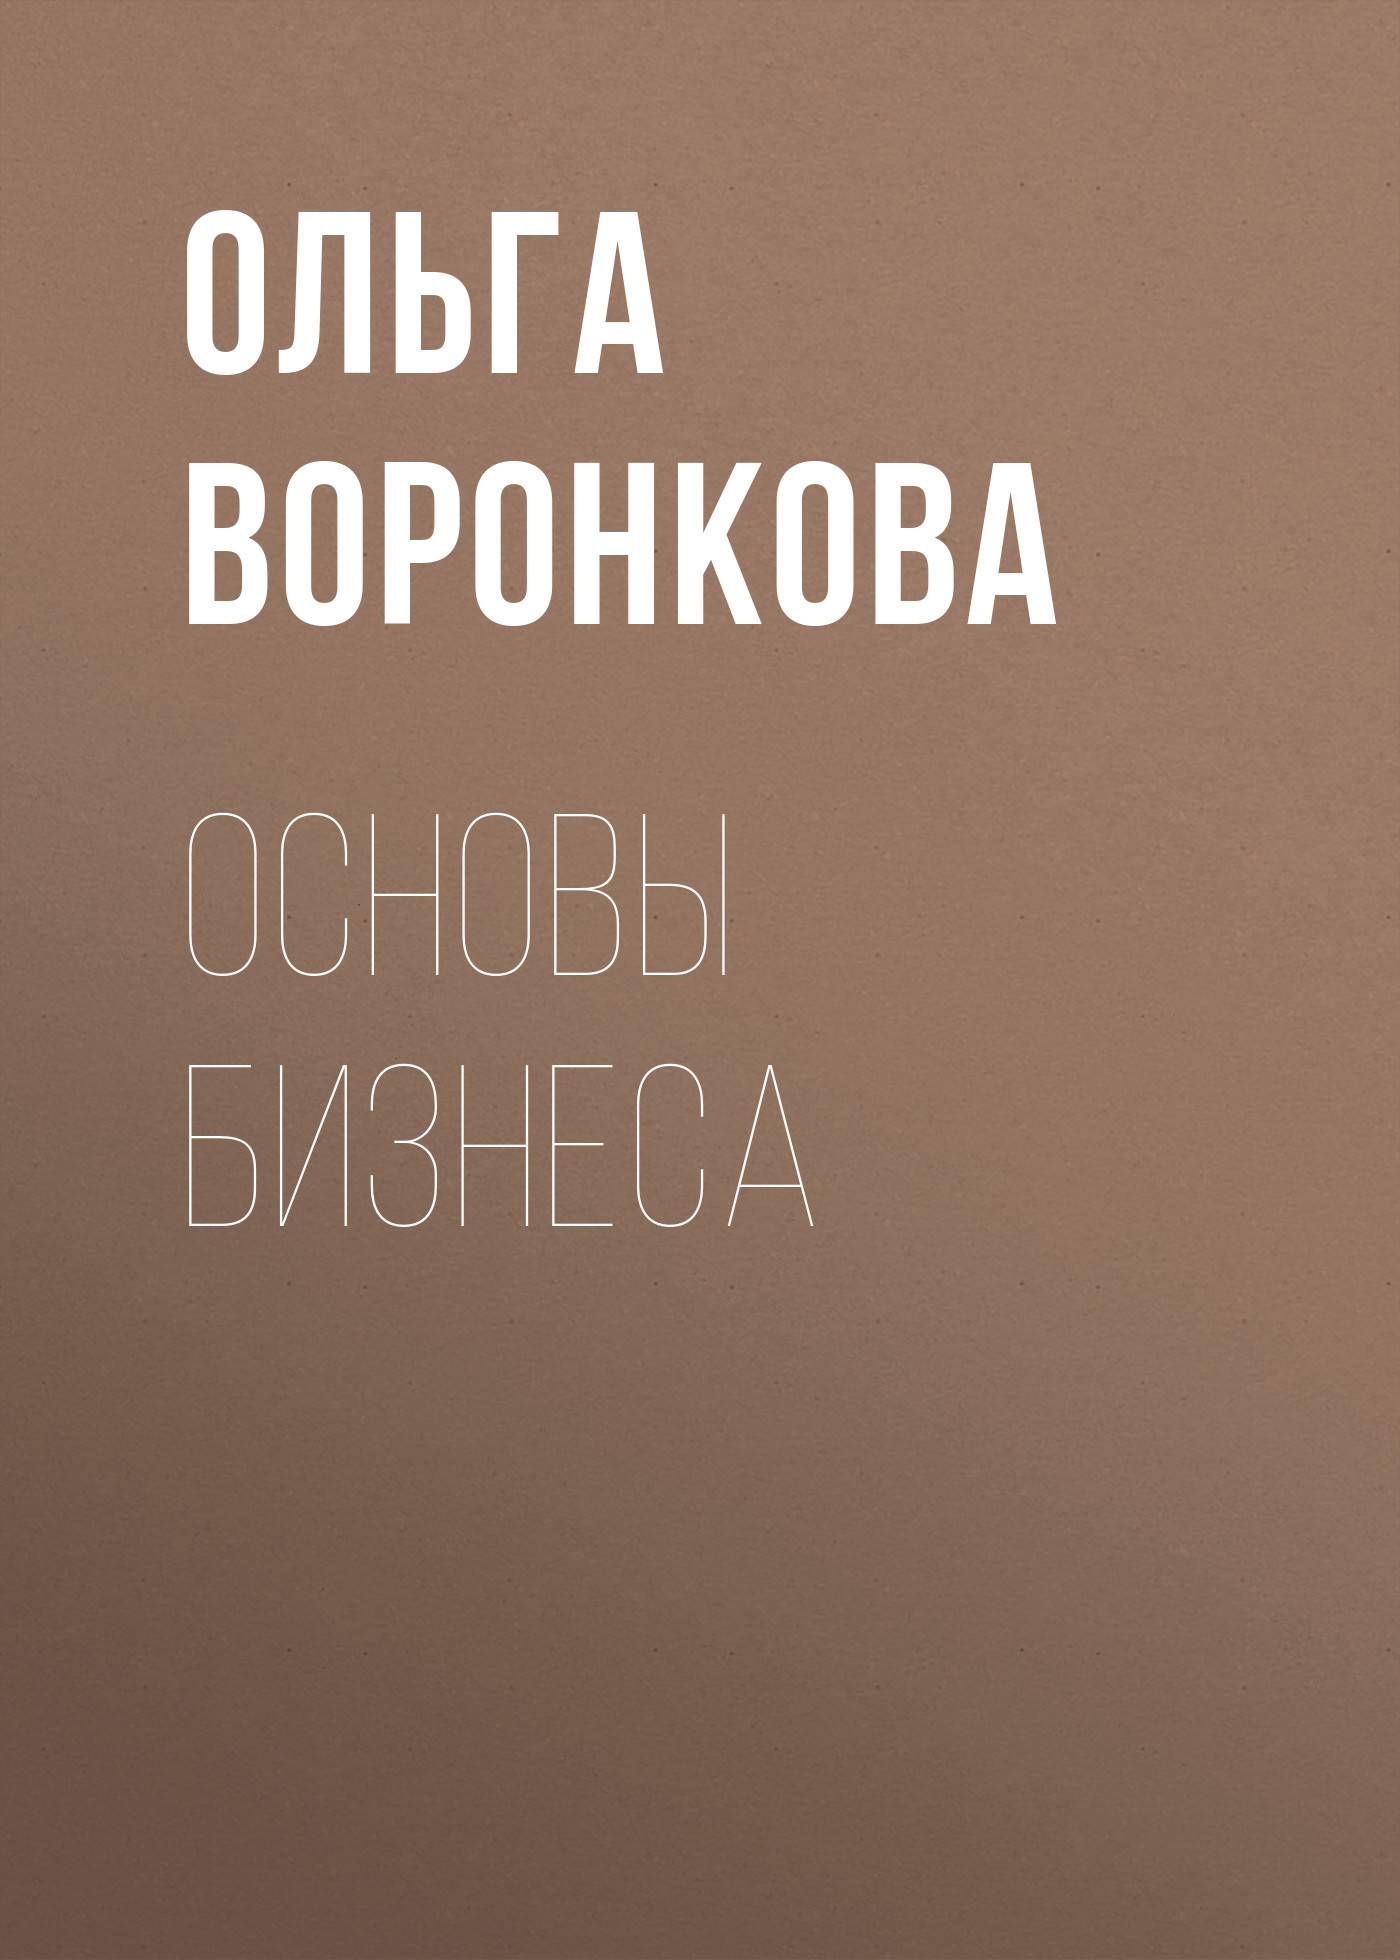 Ольга Воронкова Основы бизнеса